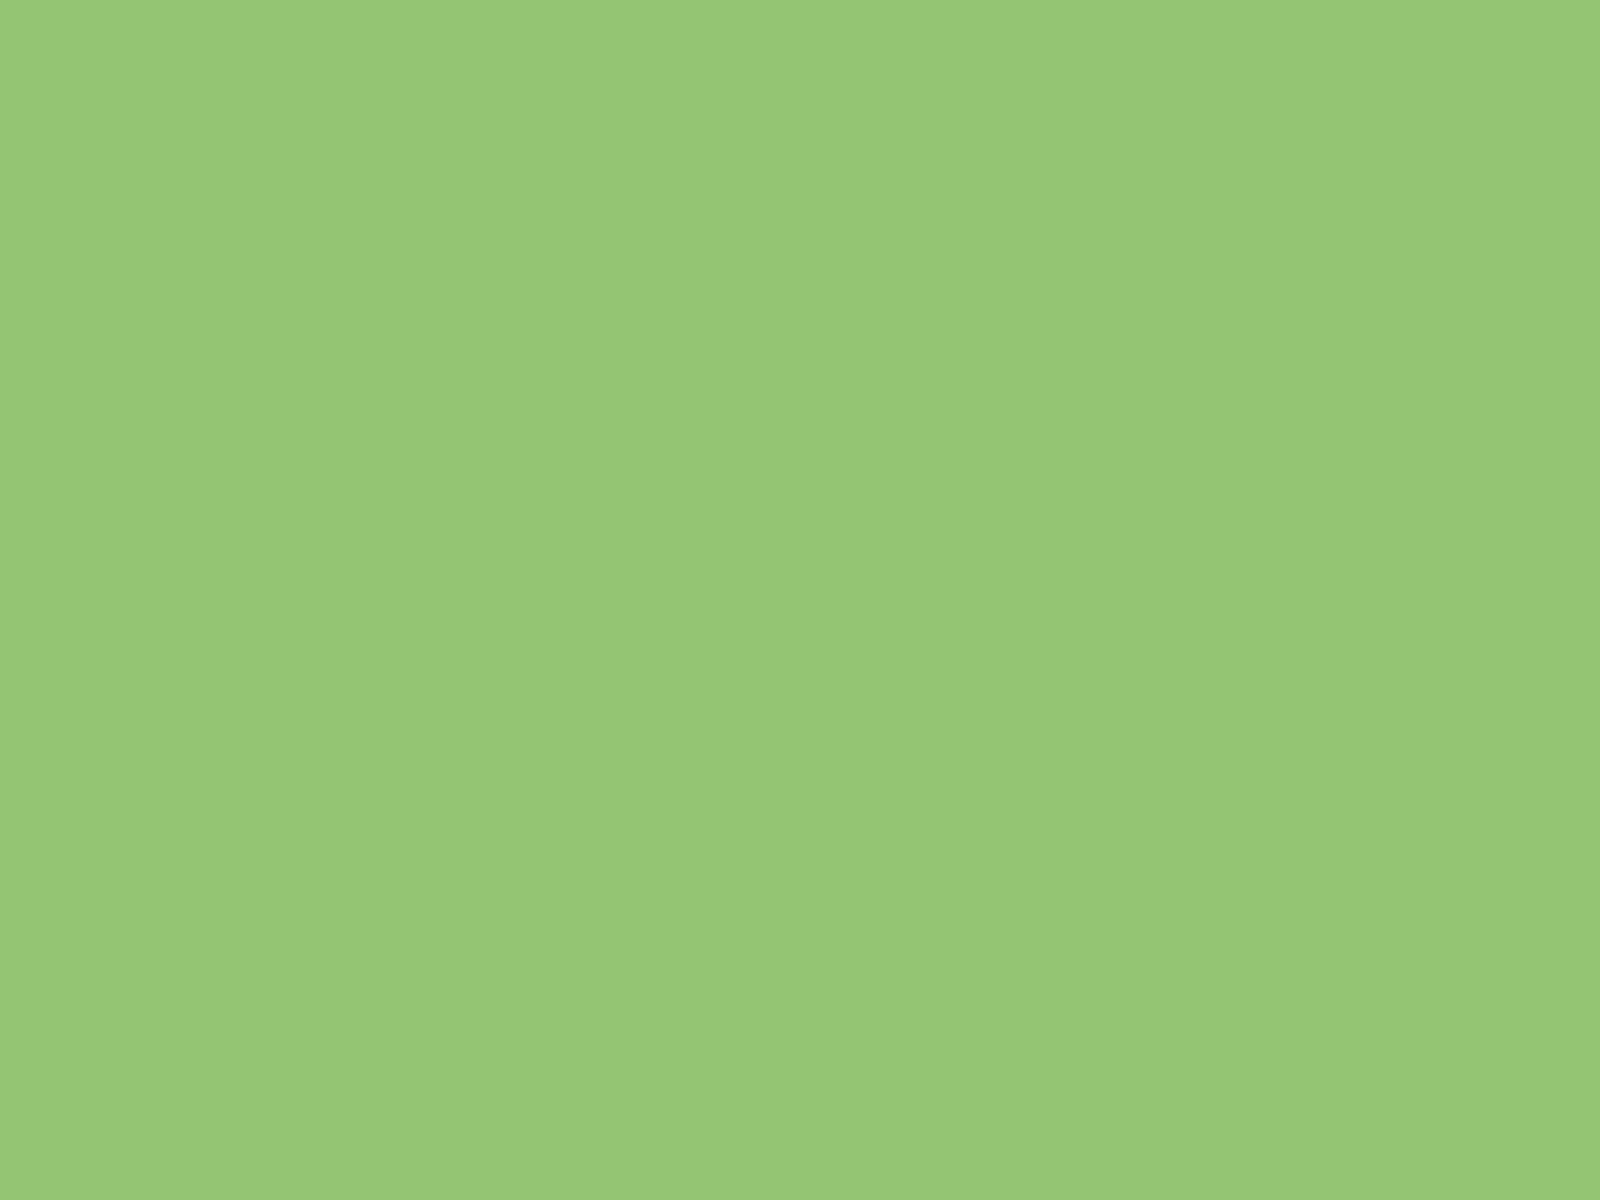 1600x1200 Pistachio Solid Color Background